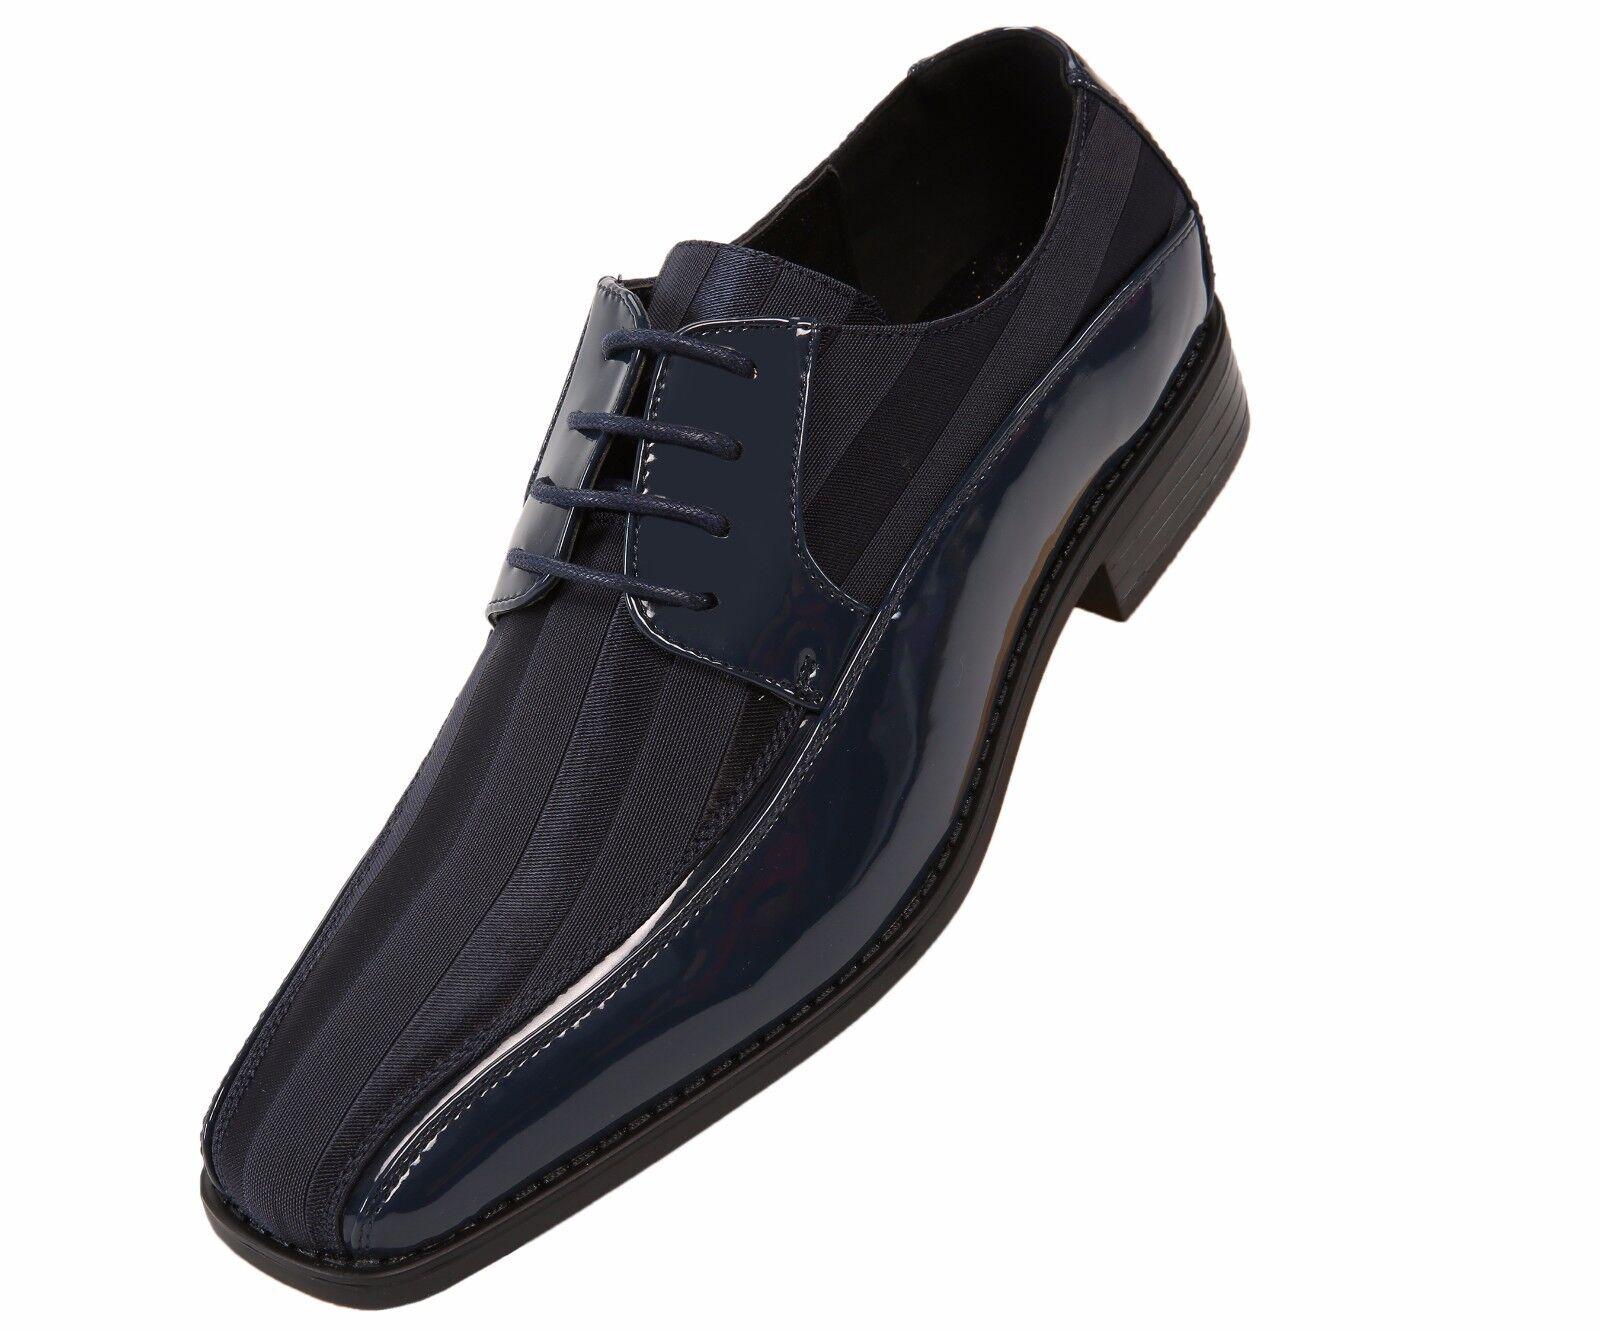 Viotti  Uomo Navy Patent Dress Oxford W/ 179-002 Striped Satin Schuhe Style 179-002 W/ dbedd7